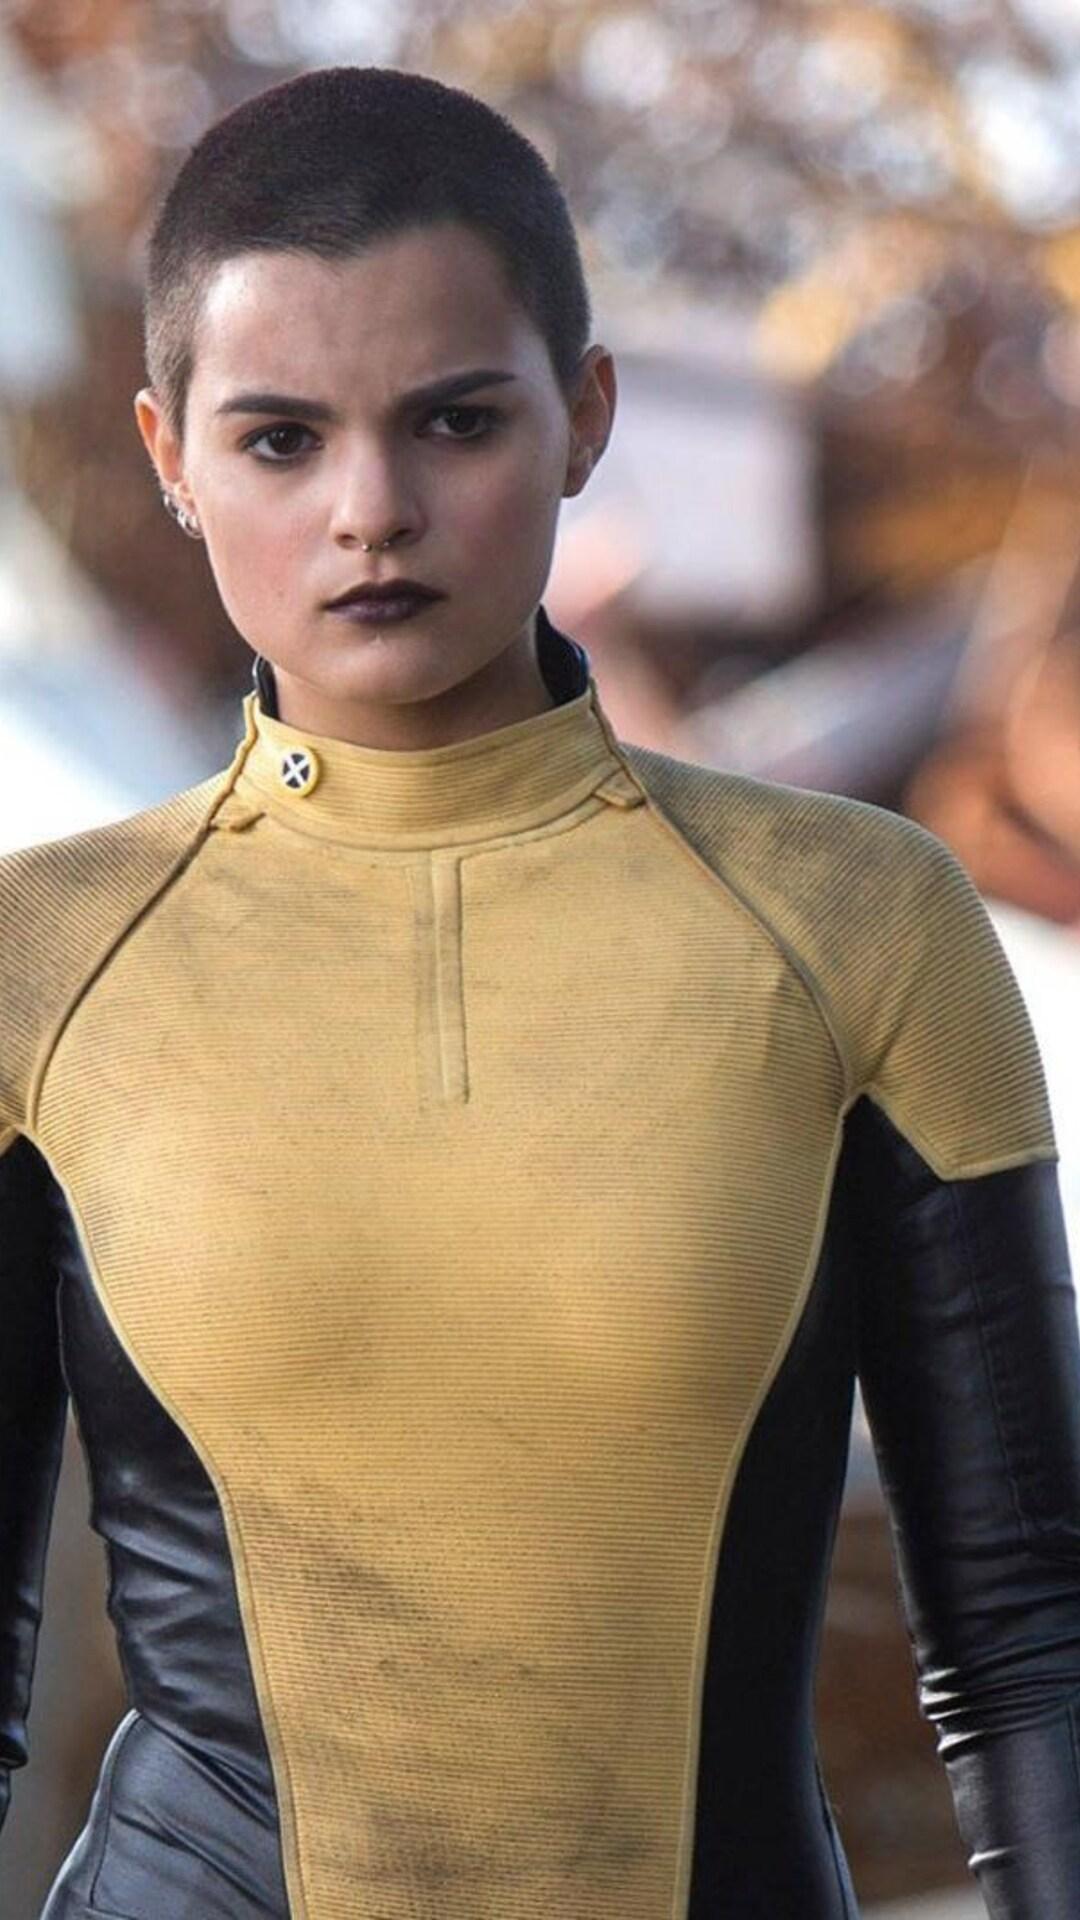 Sophie Nicolson